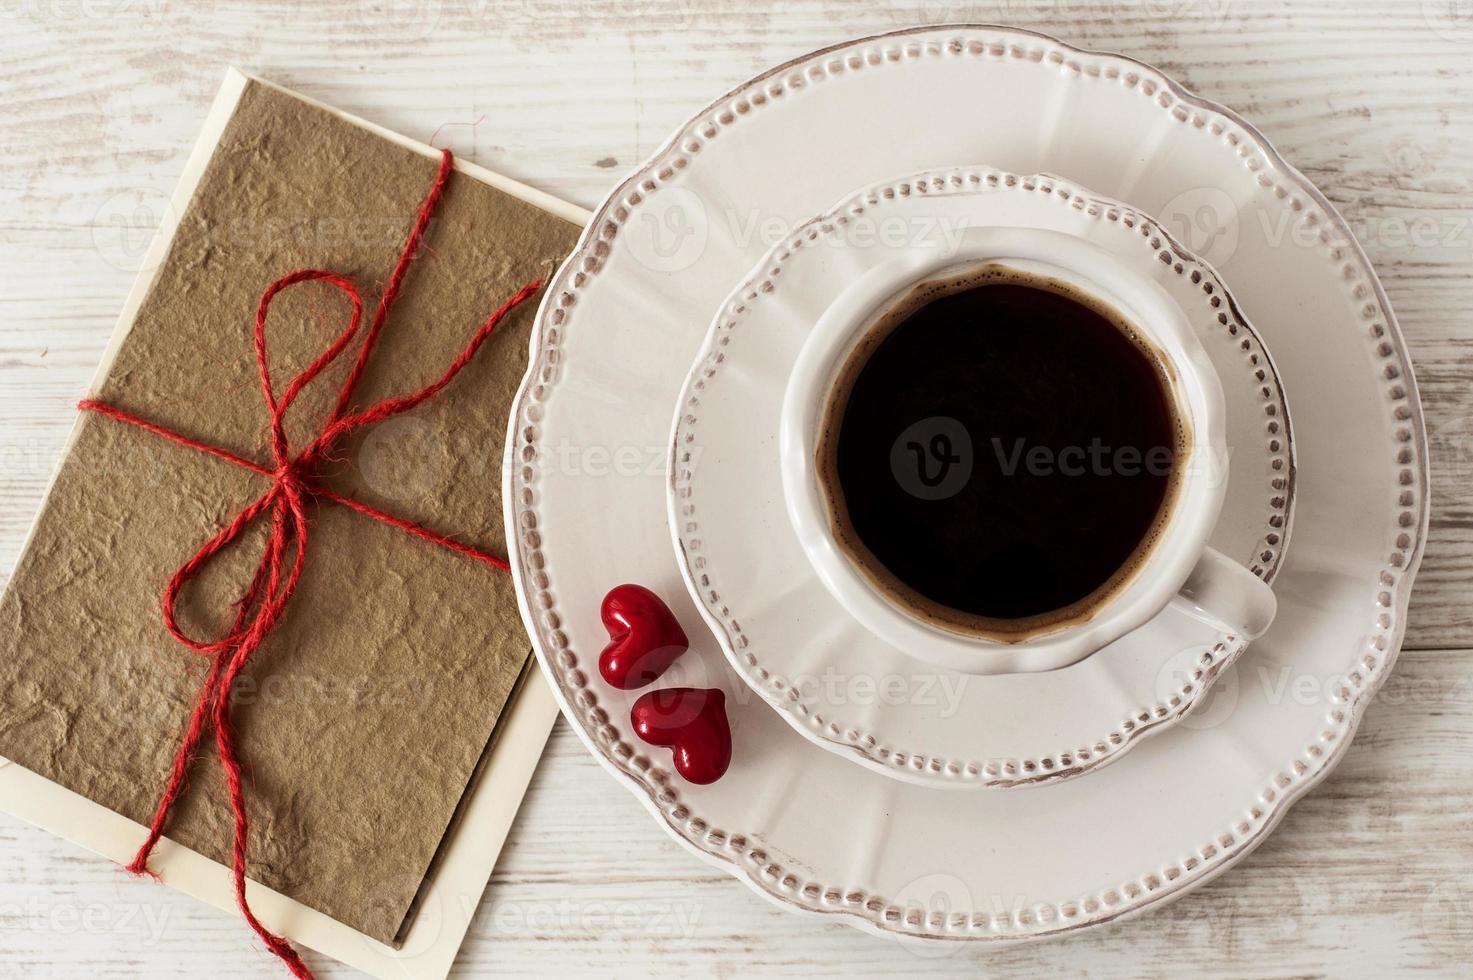 tasse de café et carte de voeux saint valentin photo